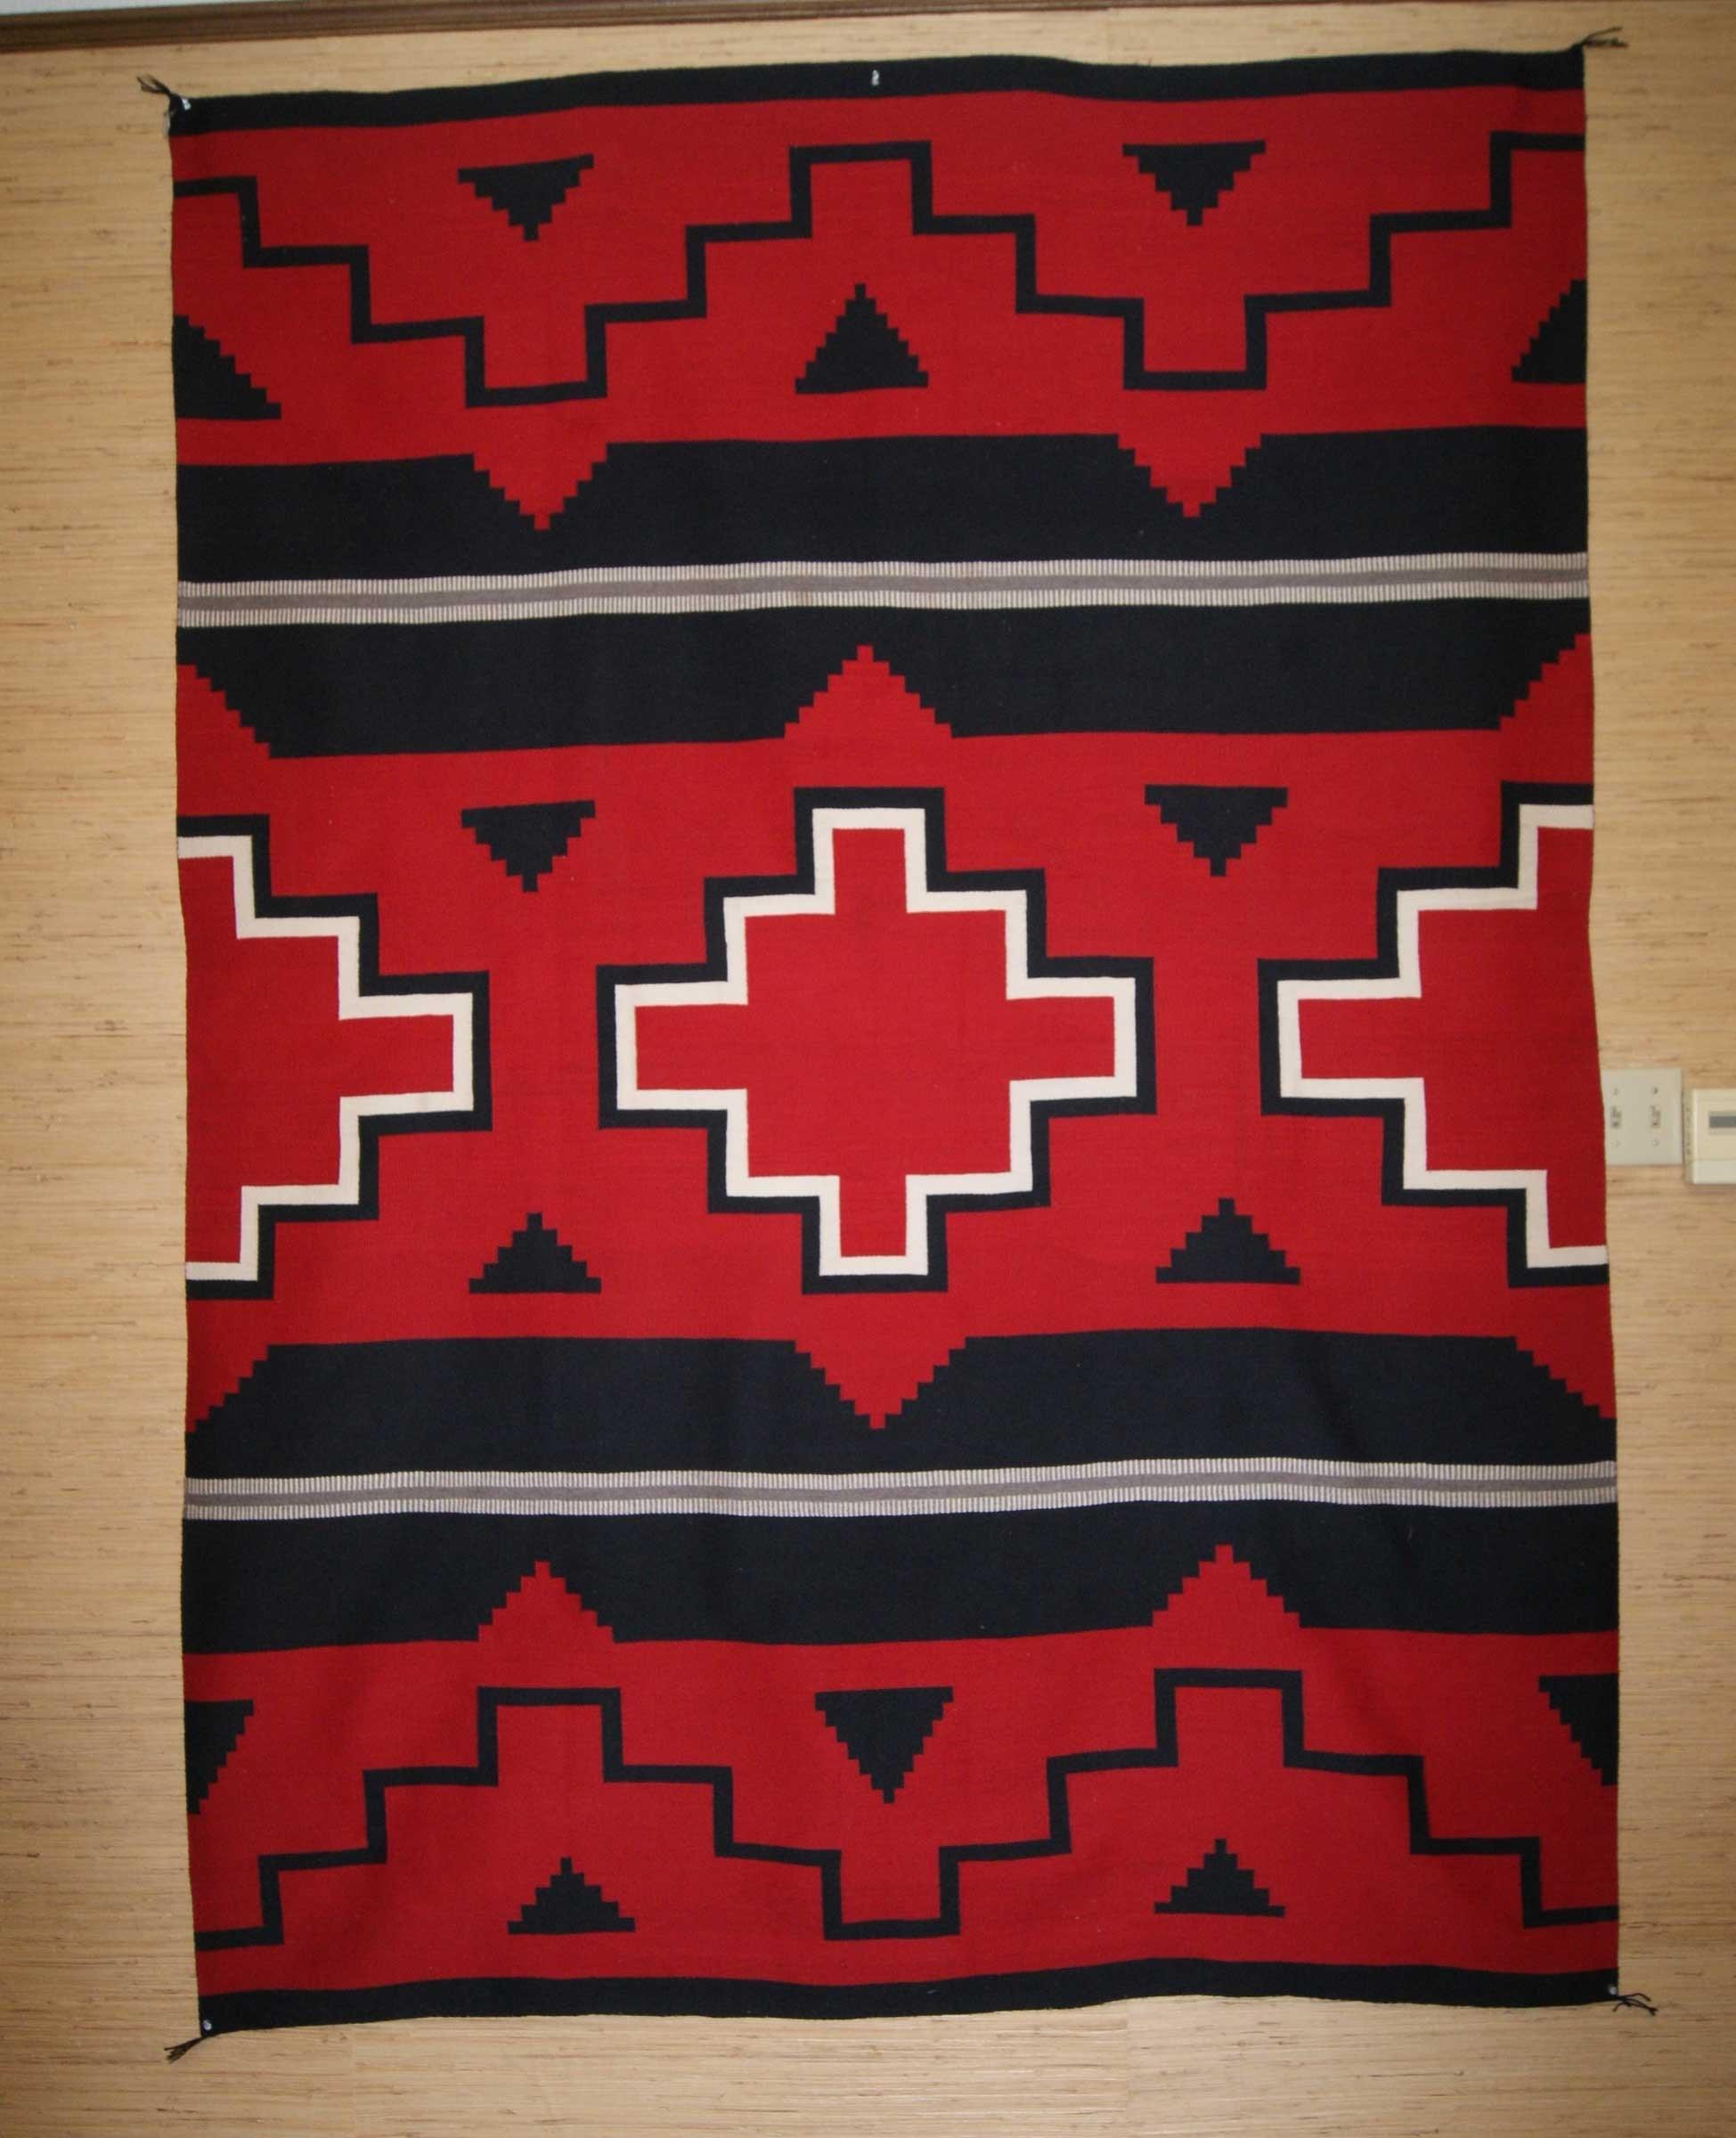 Regional navajo rugs history charleys navajo rugs for sale ganado navajo rug biocorpaavc Images